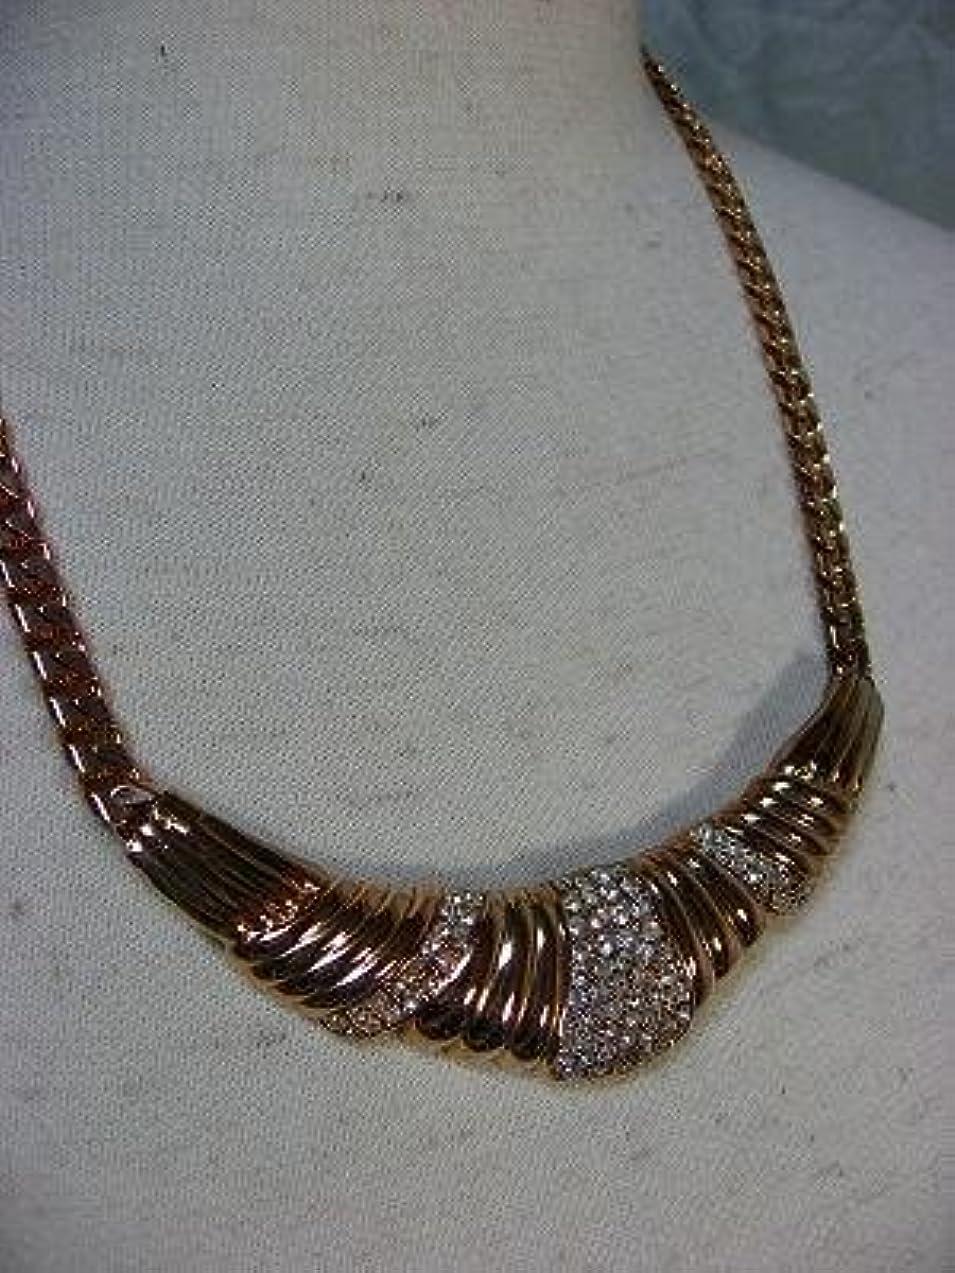 しわ巧みな可能にするゴールド ネックレス 胸元を魅せる、アイテム 綺麗 アンティークゴールドスワロスキーネックレス